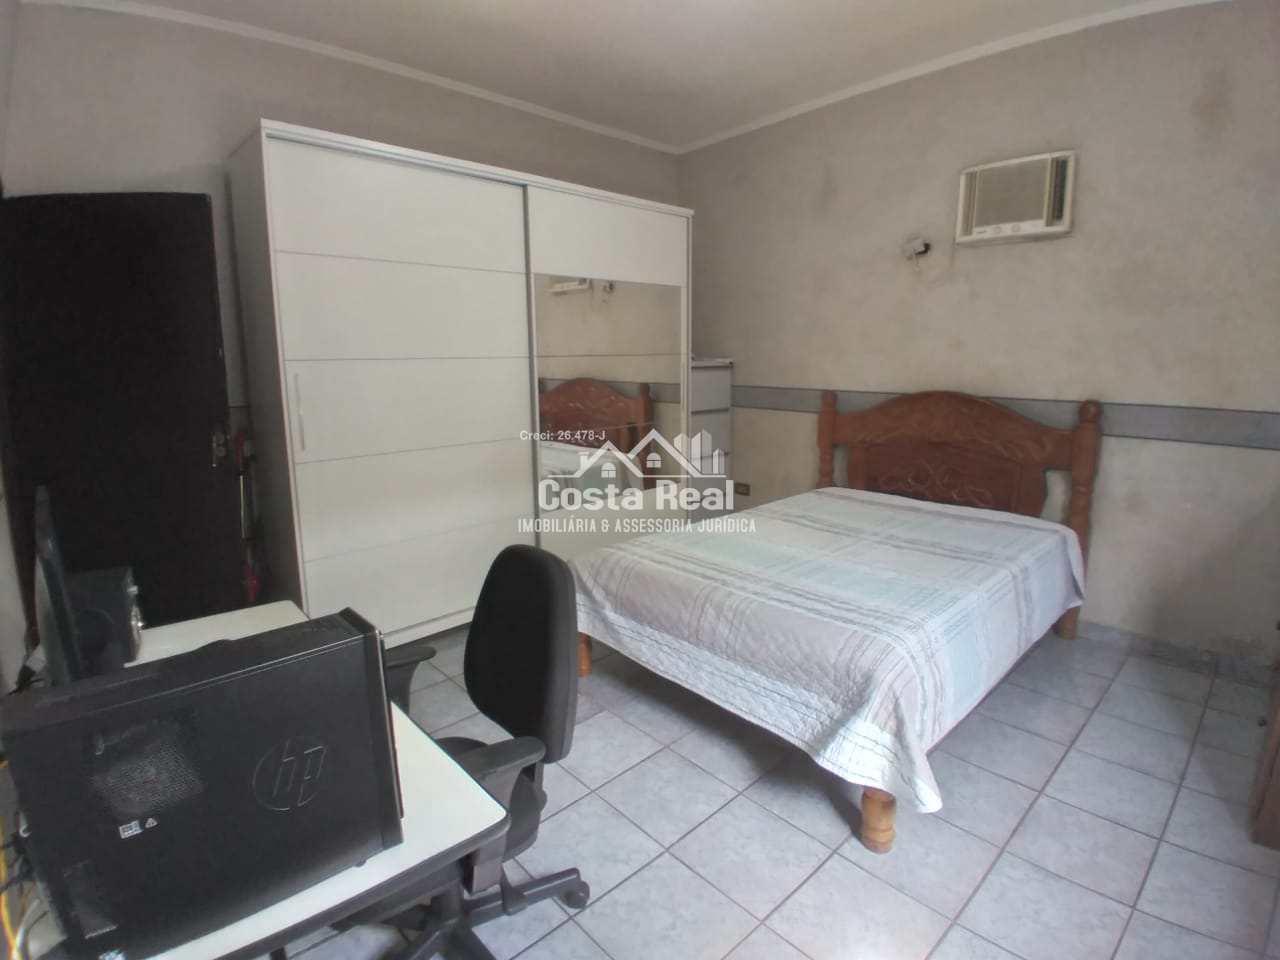 Casa com 2 dorms, Tupi, Praia Grande - R$ 310 mil, Cod: 1216